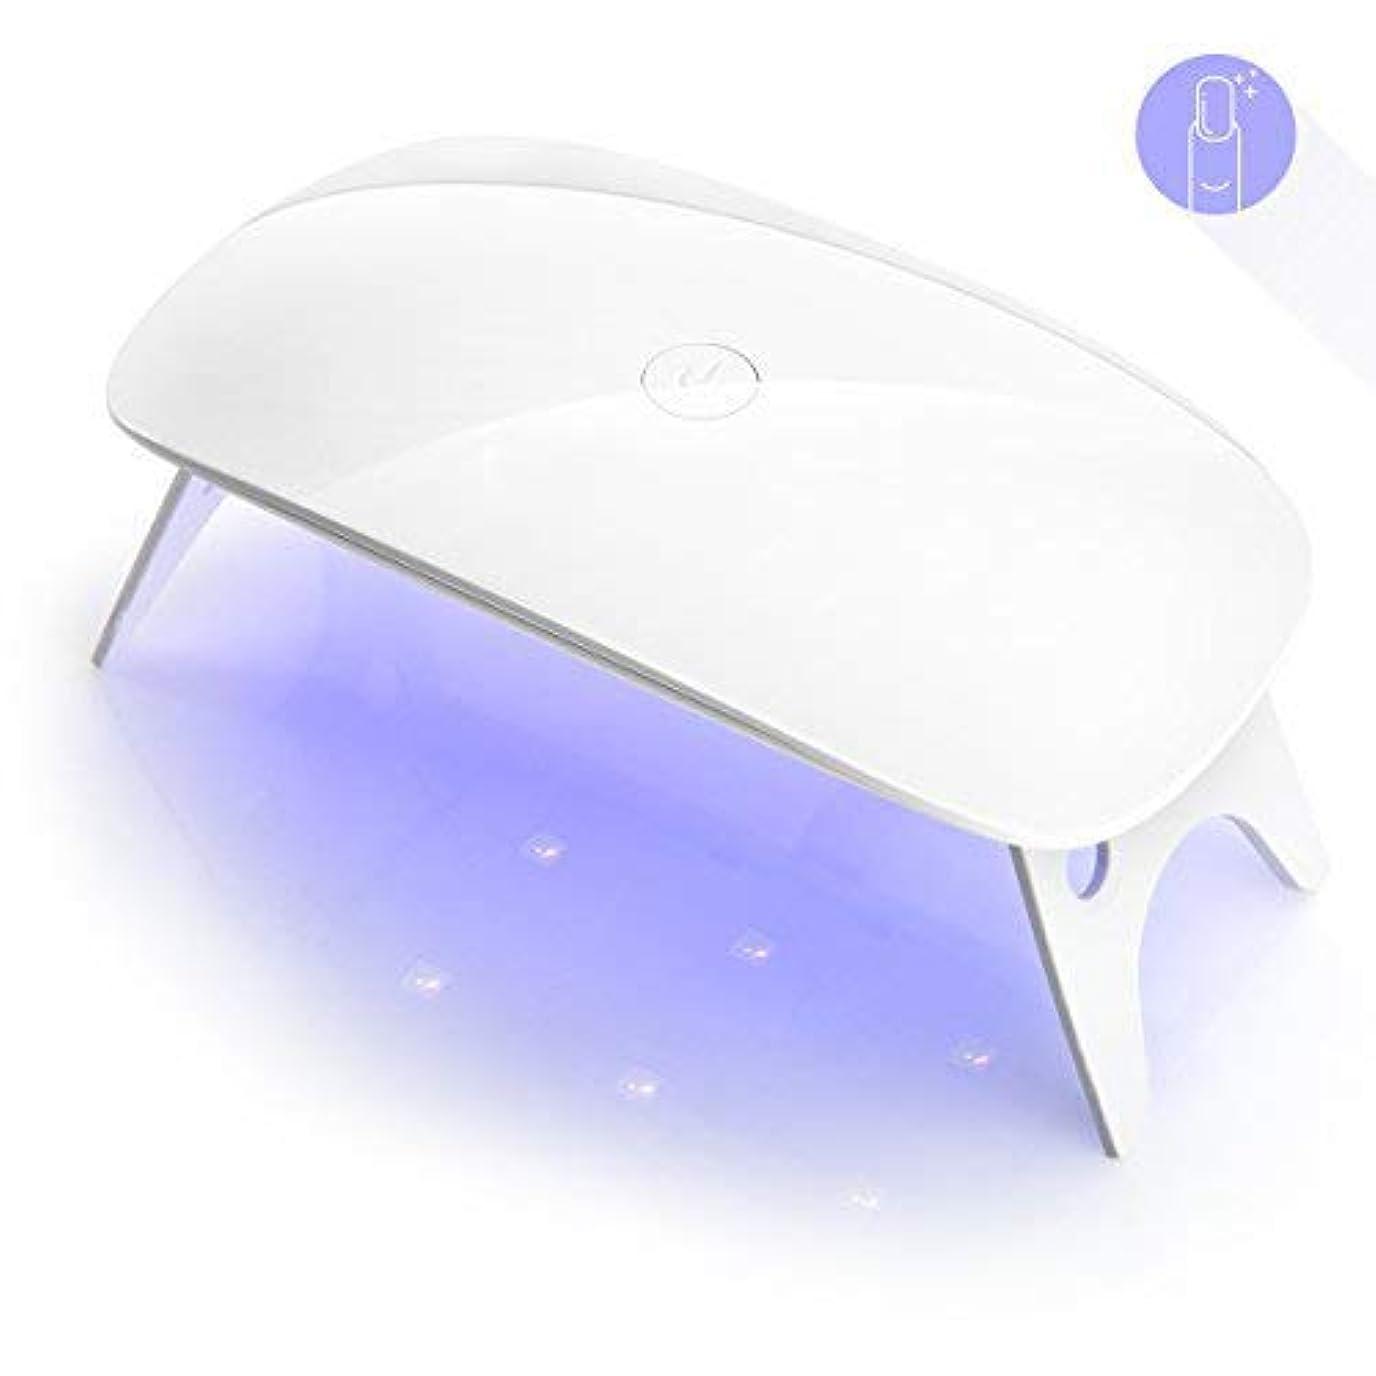 いたずらな前進脆いYIGO LEDネイルドライヤー UVライト タイマー設定可能 折りたたみ式手足とも使える 人感センサー式 LED 硬化ライト UV と LEDダブルライト ジェルネイル用